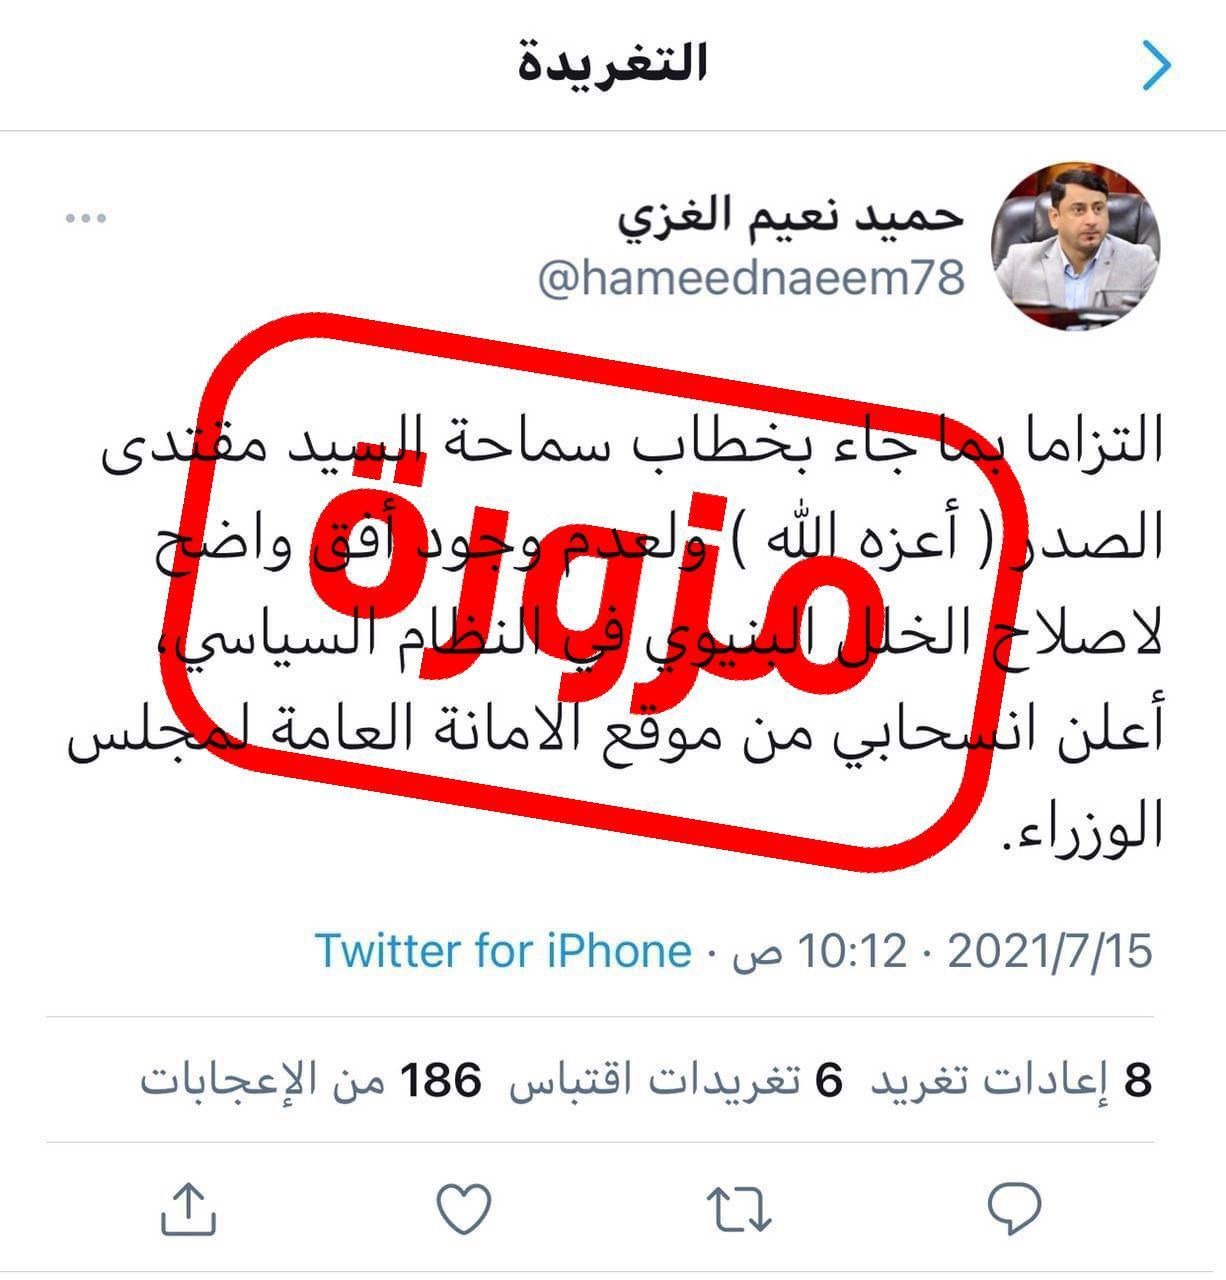 أمانة مجلس الوزراء: الأمين العام لا يمتلك صفحة شخصية على تويتر